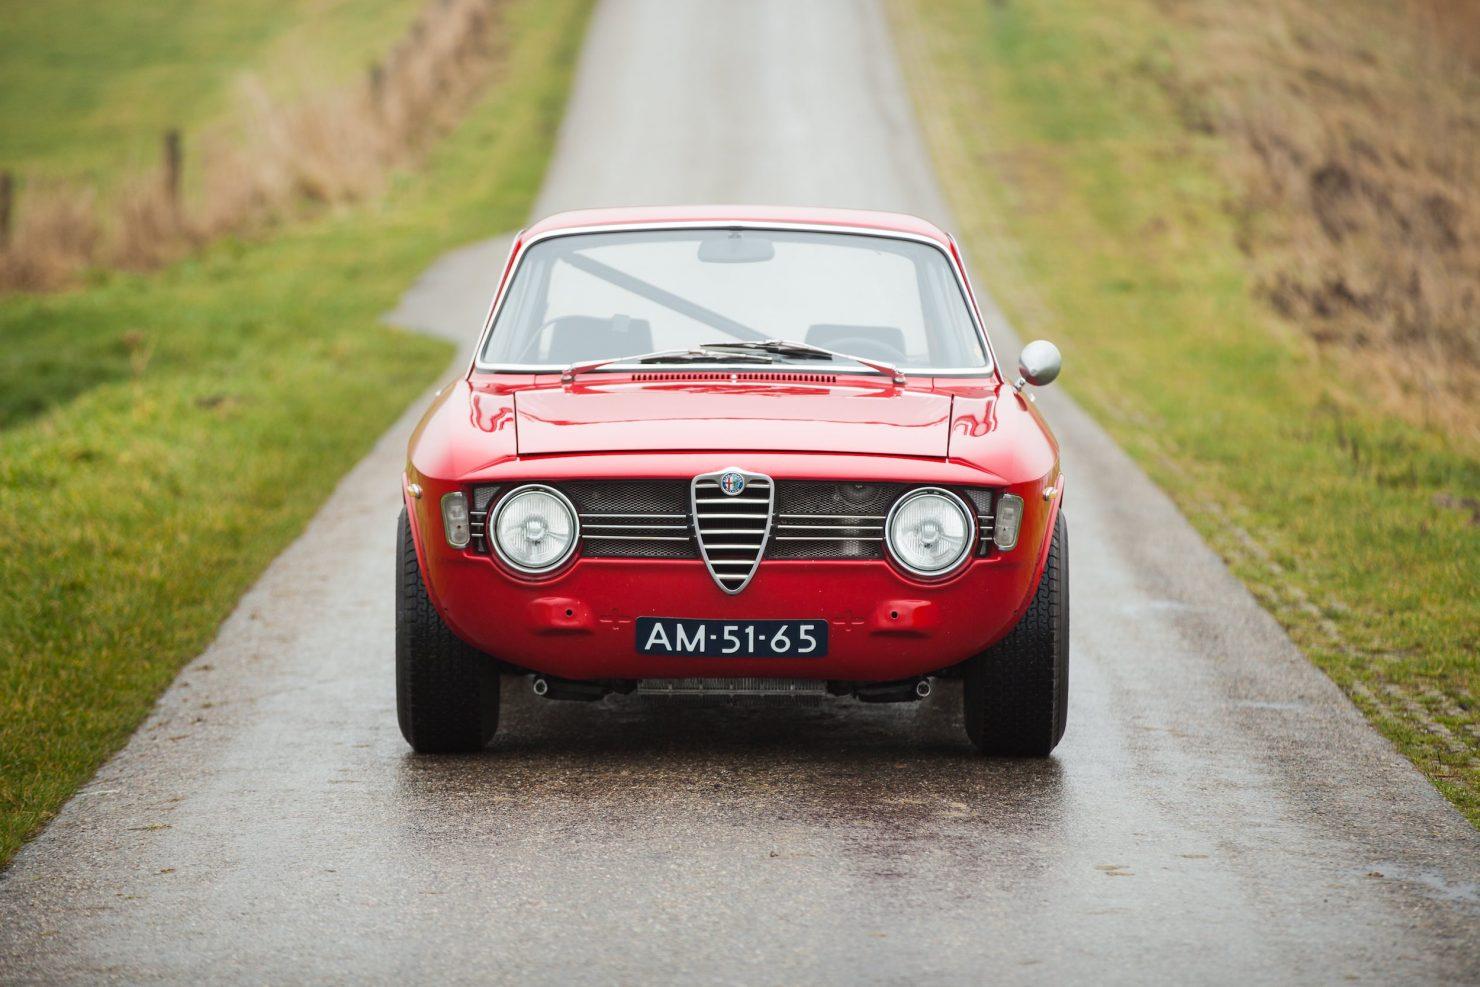 alfa romeo sprint gt veloce 2 1480x987 - 1967 Alfa Romeo Sprint GT Veloce